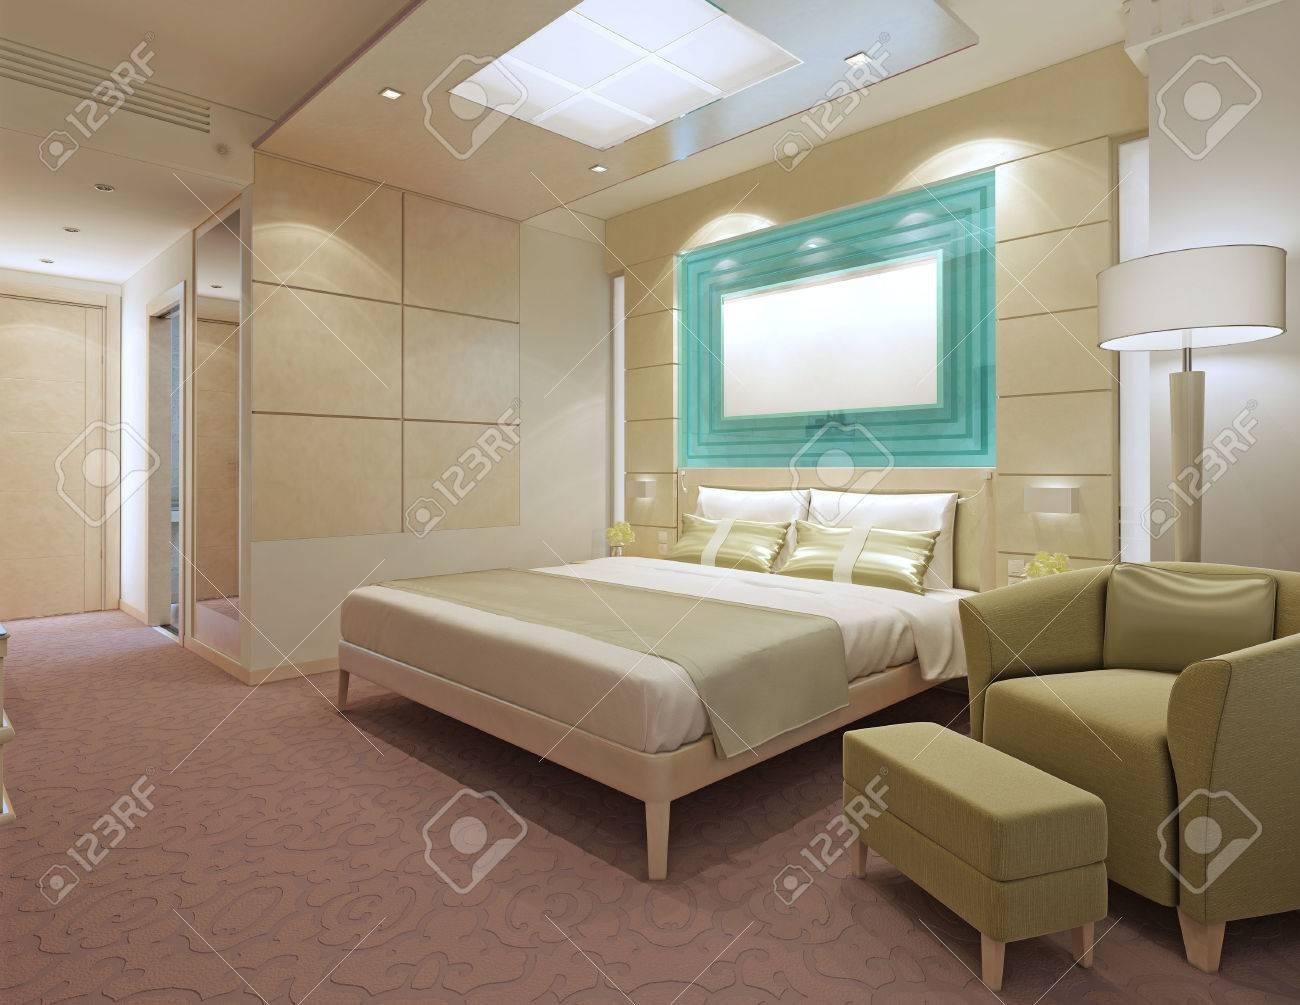 contemporary hotel apartments peach color in interior ikea stock